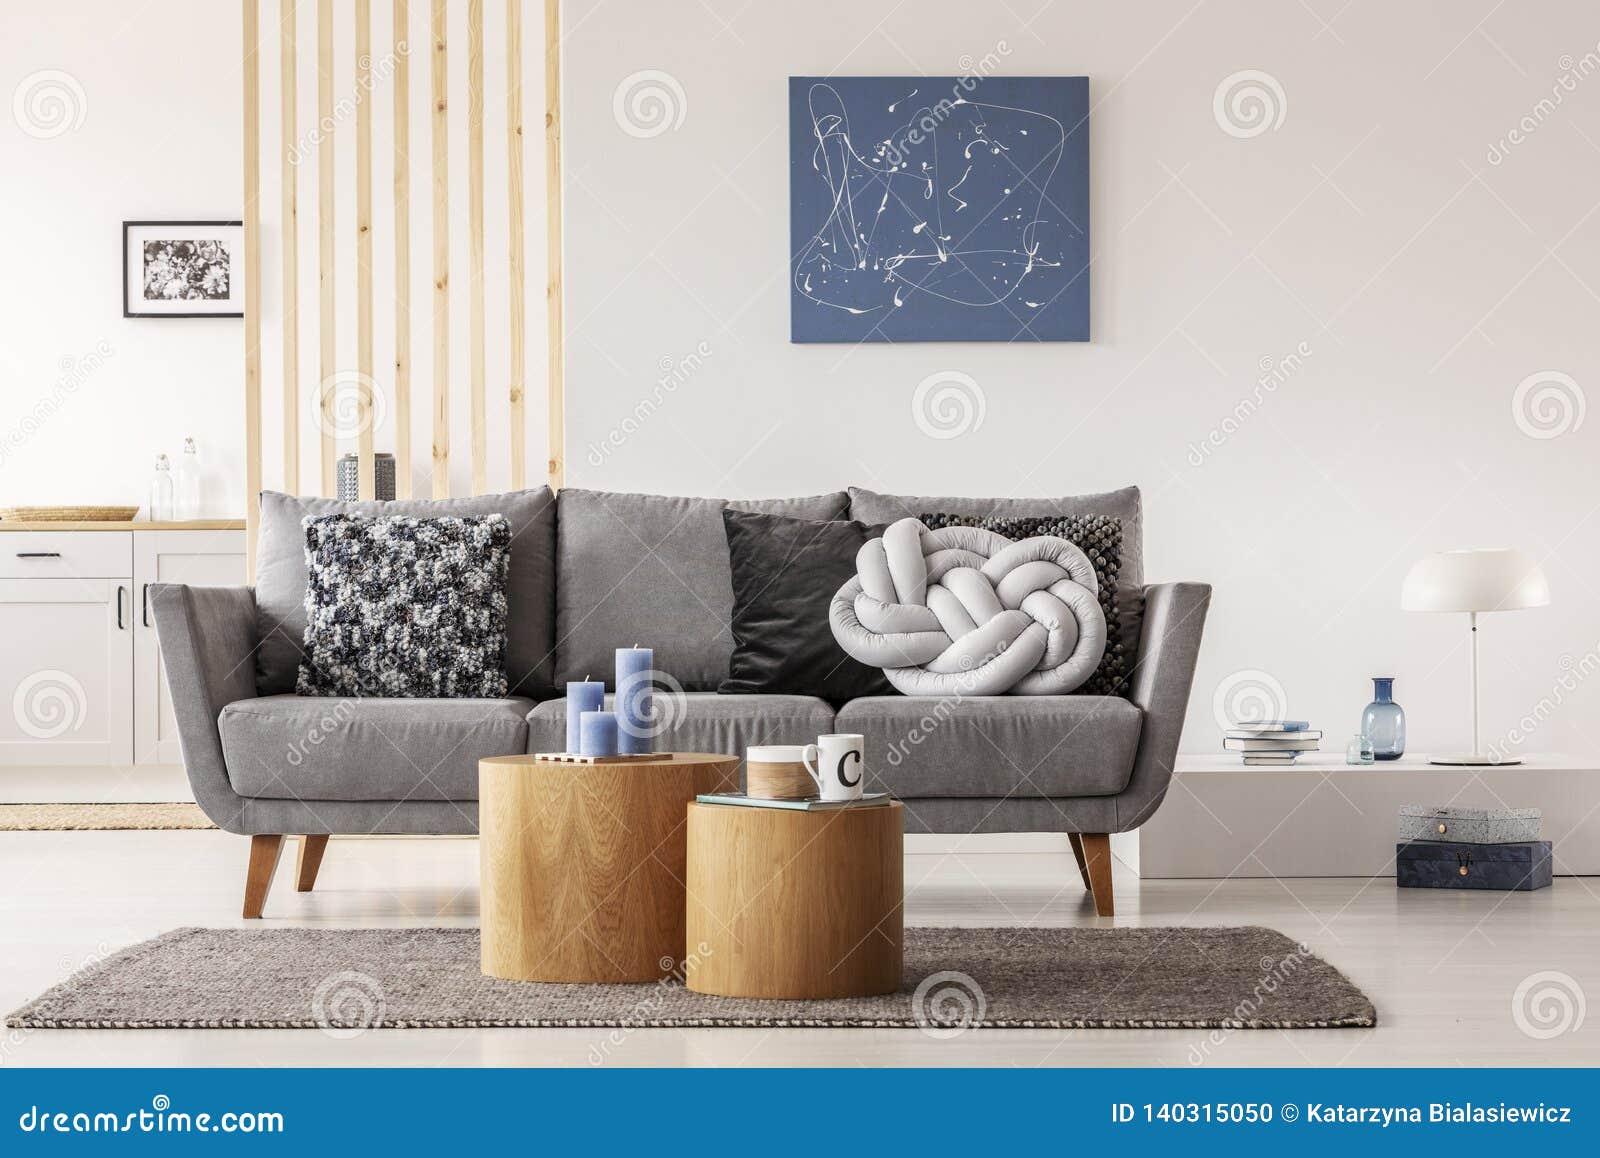 Голубая абстрактная картина на белой стене современного интерьера живущей комнаты с серым settee с подушками